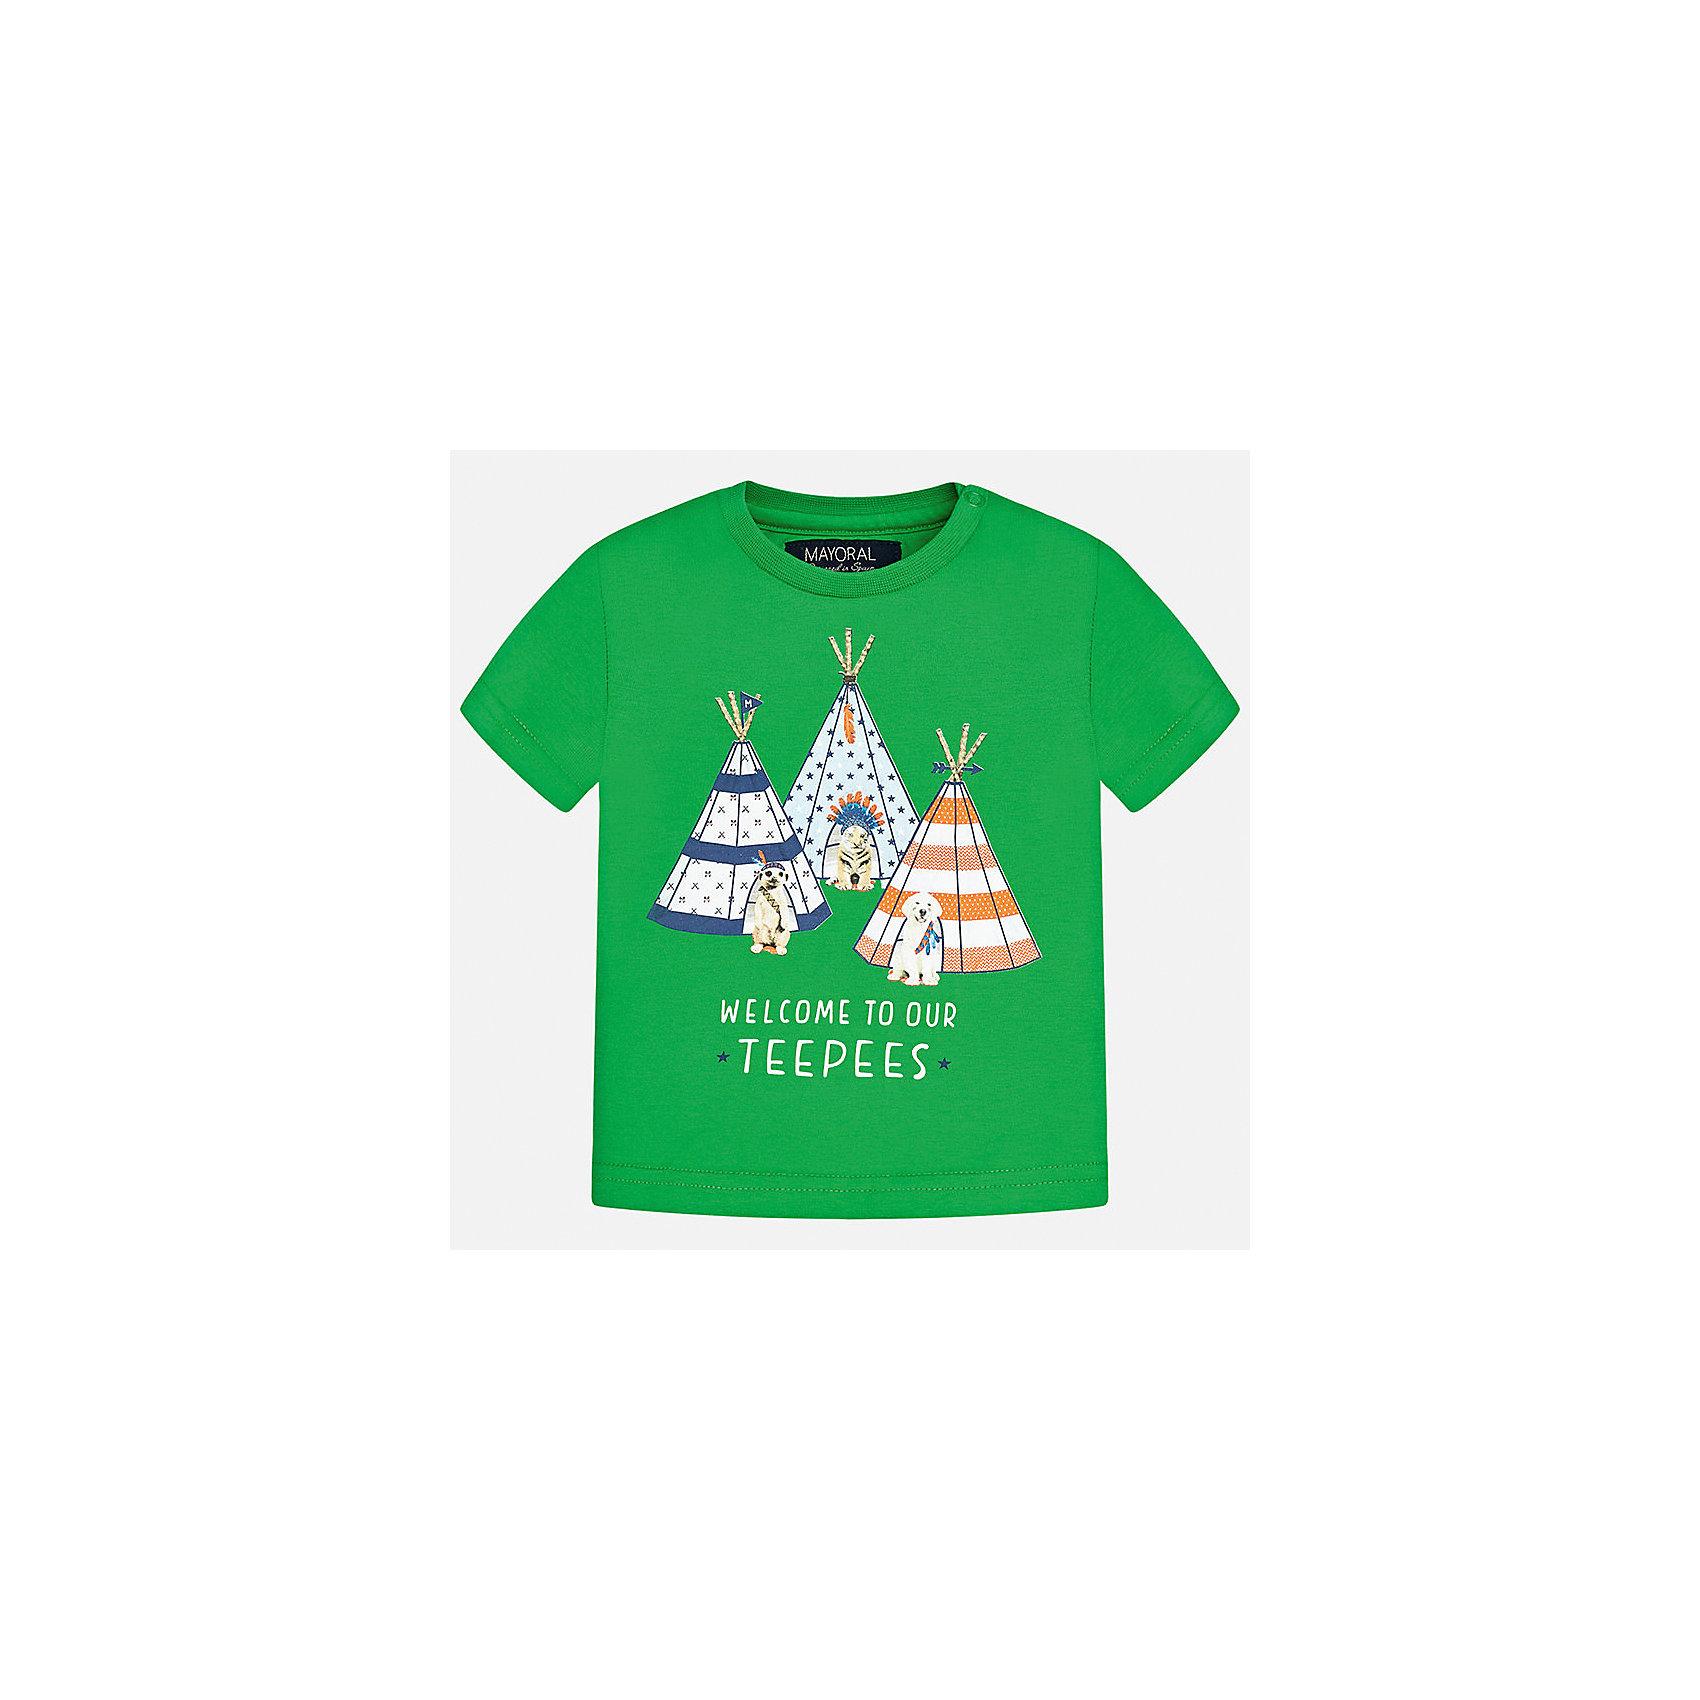 Футболка для мальчика MayoralФутболки, топы<br>Характеристики товара:<br><br>• цвет: зелёный<br>• состав: 100% хлопок<br>• круглый горловой вырез<br>• декорирована принтом<br>• короткие рукава<br>• мягкая отделка горловины<br>• страна бренда: Испания<br><br>Стильная удобная футболка с принтом поможет разнообразить гардероб мальчика. Она отлично сочетается с брюками, шортами, джинсами.  В составе материала - натуральный хлопок, гипоаллергенный, приятный на ощупь, дышащий. <br><br>Футболку для мальчика от испанского бренда Mayoral (Майорал) можно купить в нашем интернет-магазине.<br><br>Ширина мм: 199<br>Глубина мм: 10<br>Высота мм: 161<br>Вес г: 151<br>Цвет: зеленый<br>Возраст от месяцев: 18<br>Возраст до месяцев: 24<br>Пол: Мужской<br>Возраст: Детский<br>Размер: 92,80,86<br>SKU: 5278417